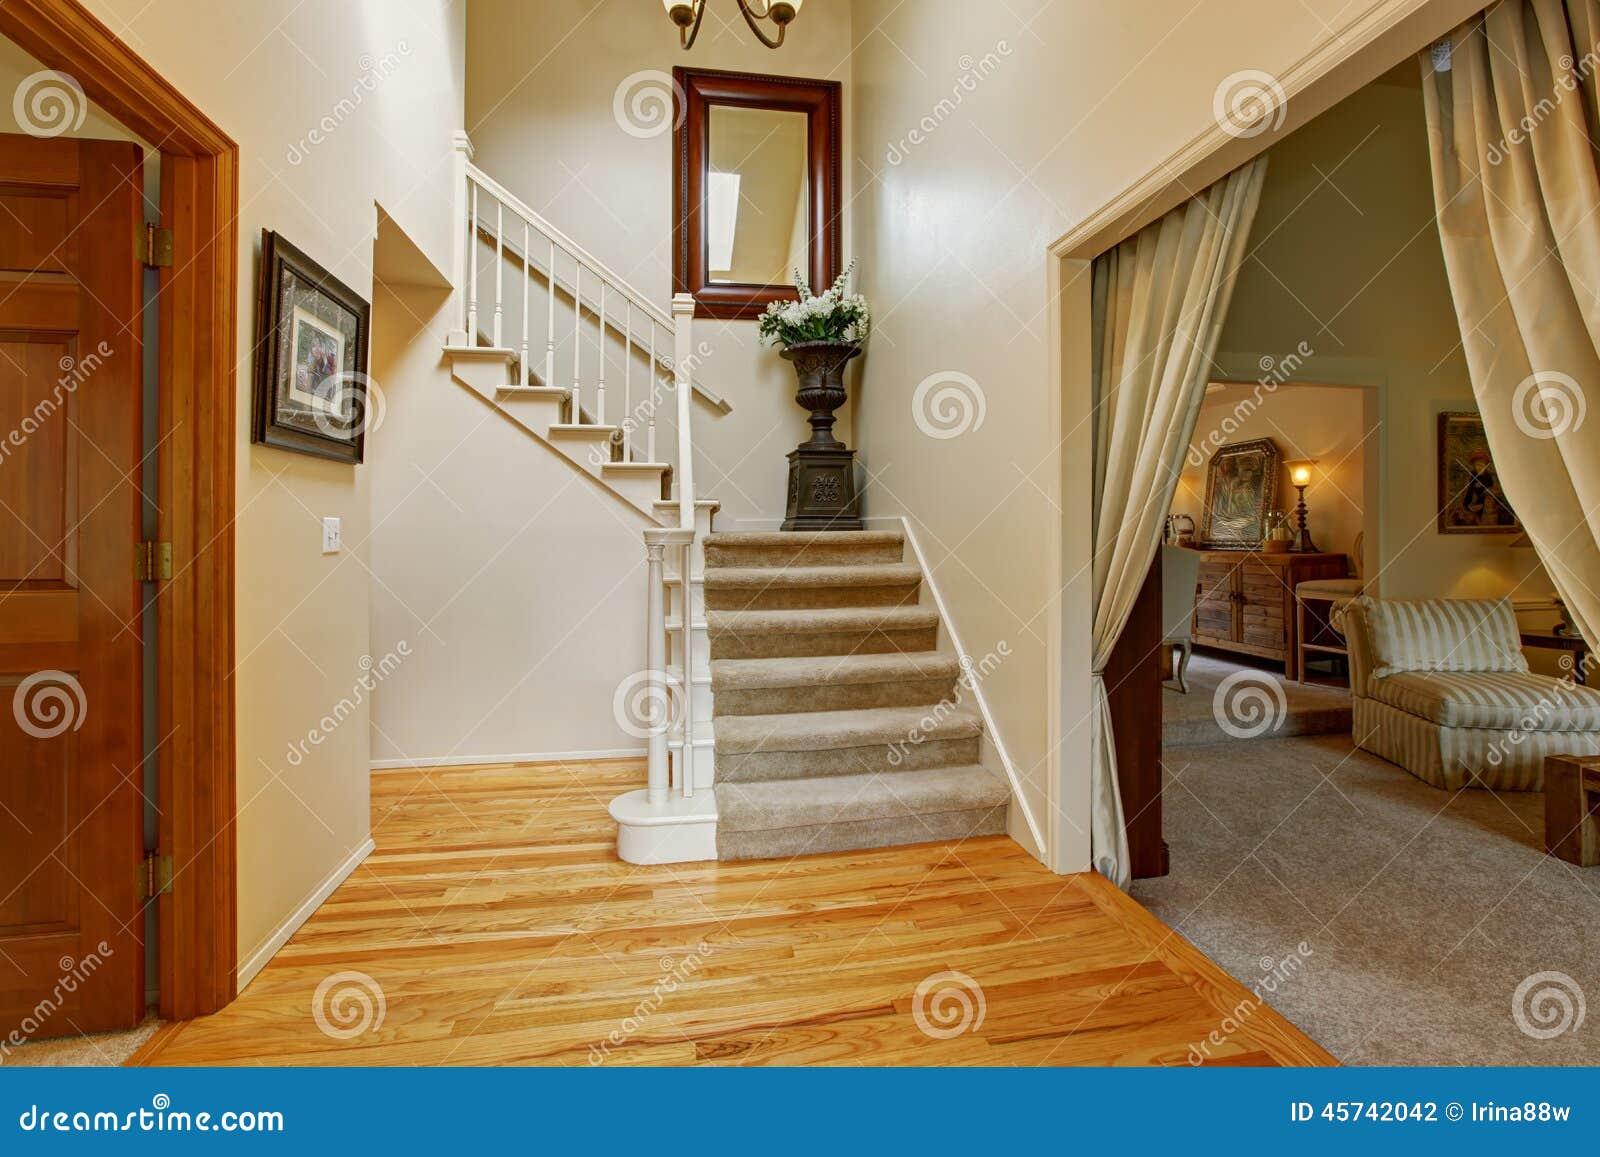 Escalier luxe maison